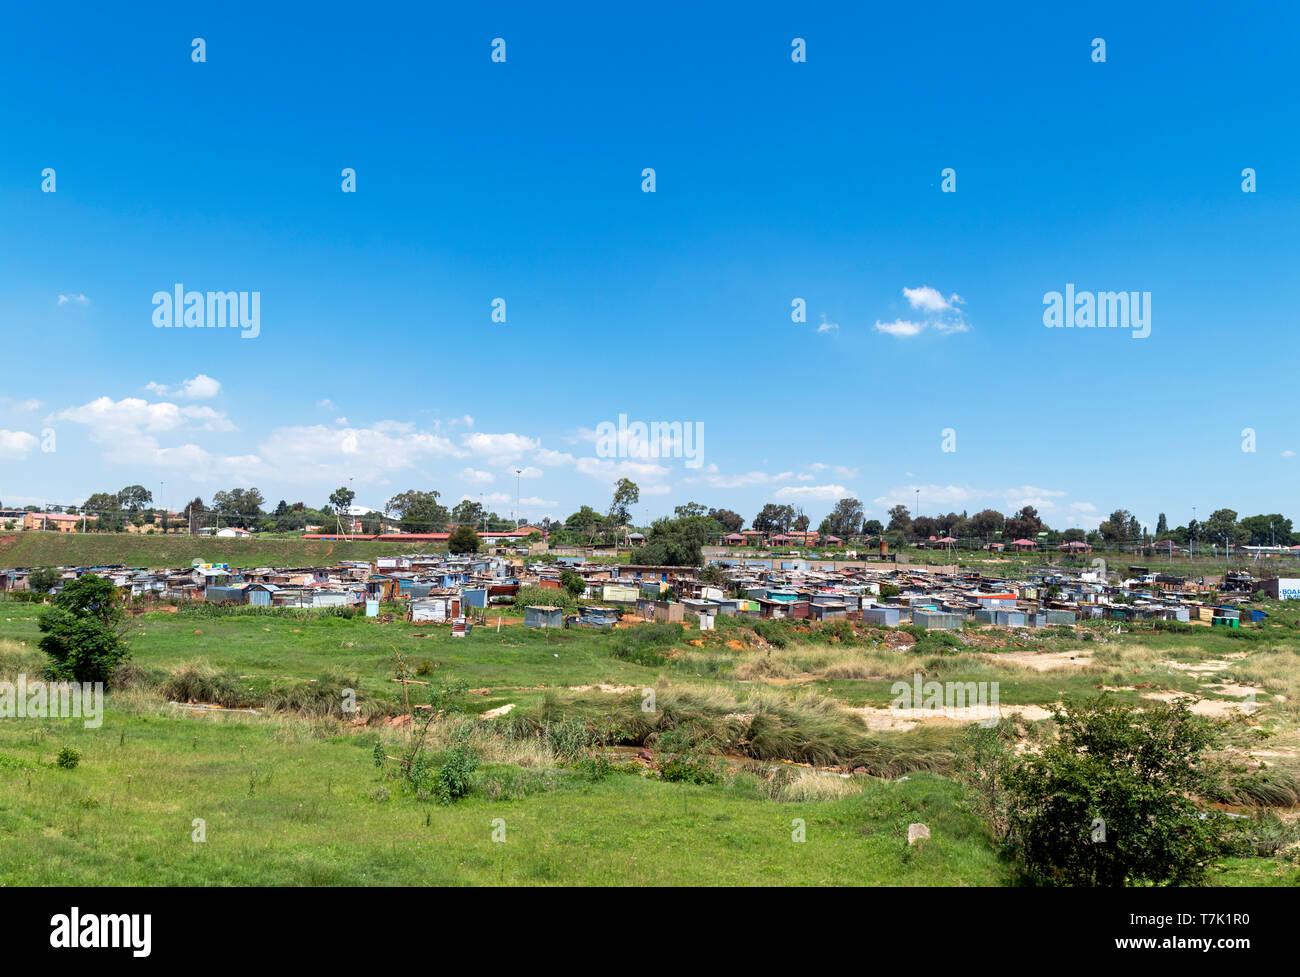 Dans les bidonvilles de l'ouest d'Orlando, Soweto, Johannesburg, Afrique du Sud Banque D'Images